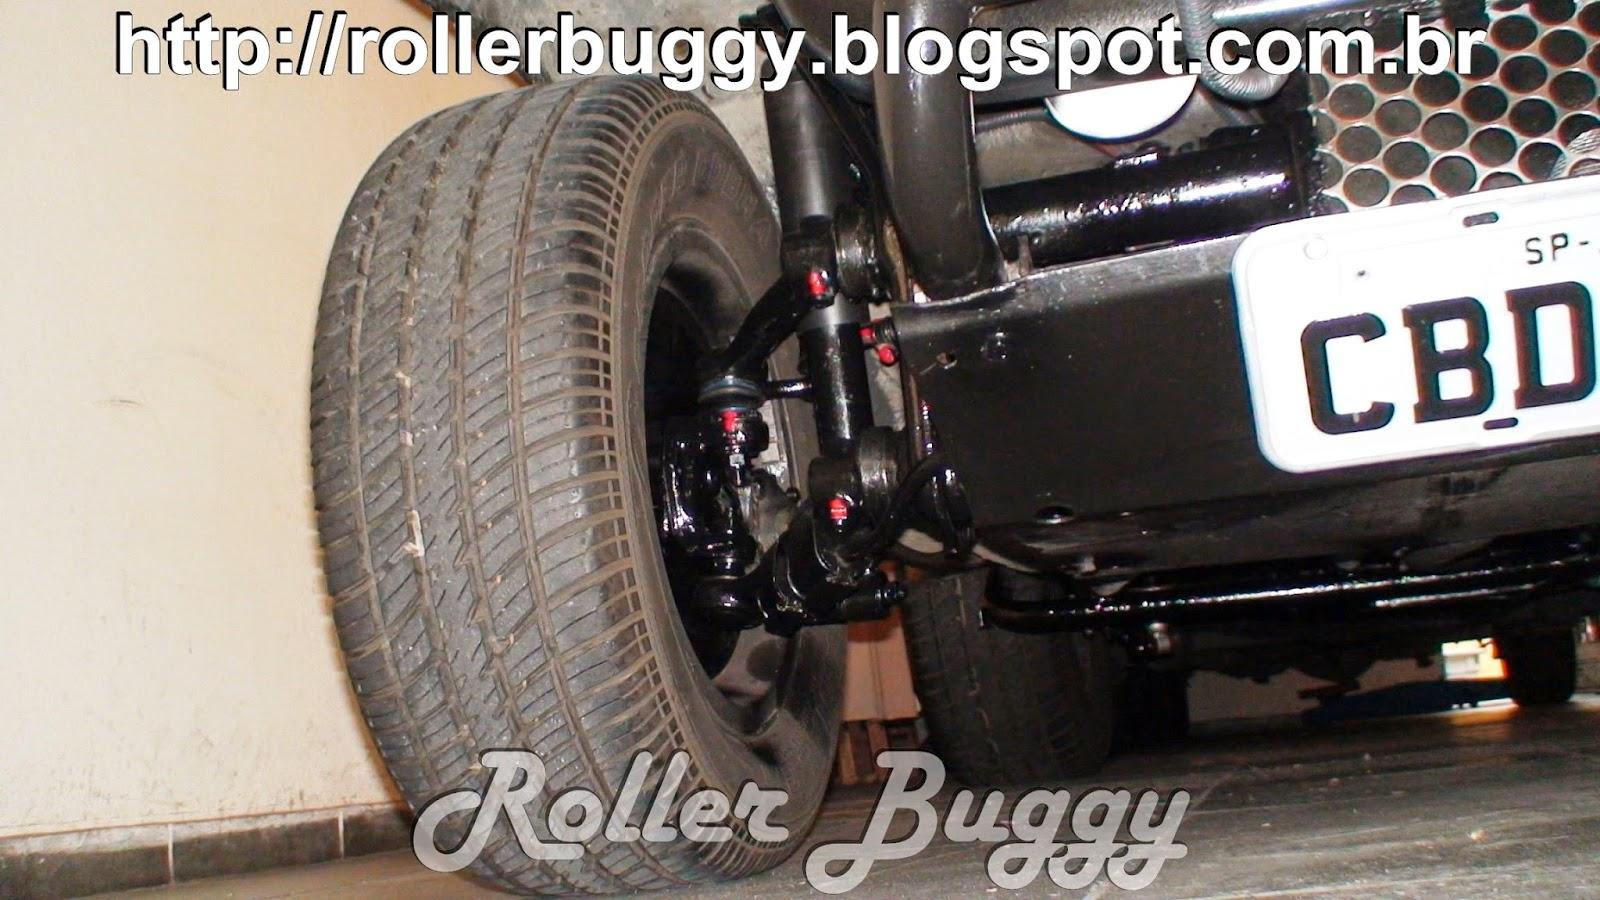 http://rollerbuggy.blogspot.com.br/2015/04/2014-dezembro-suspensao-dianteira-pivos.html